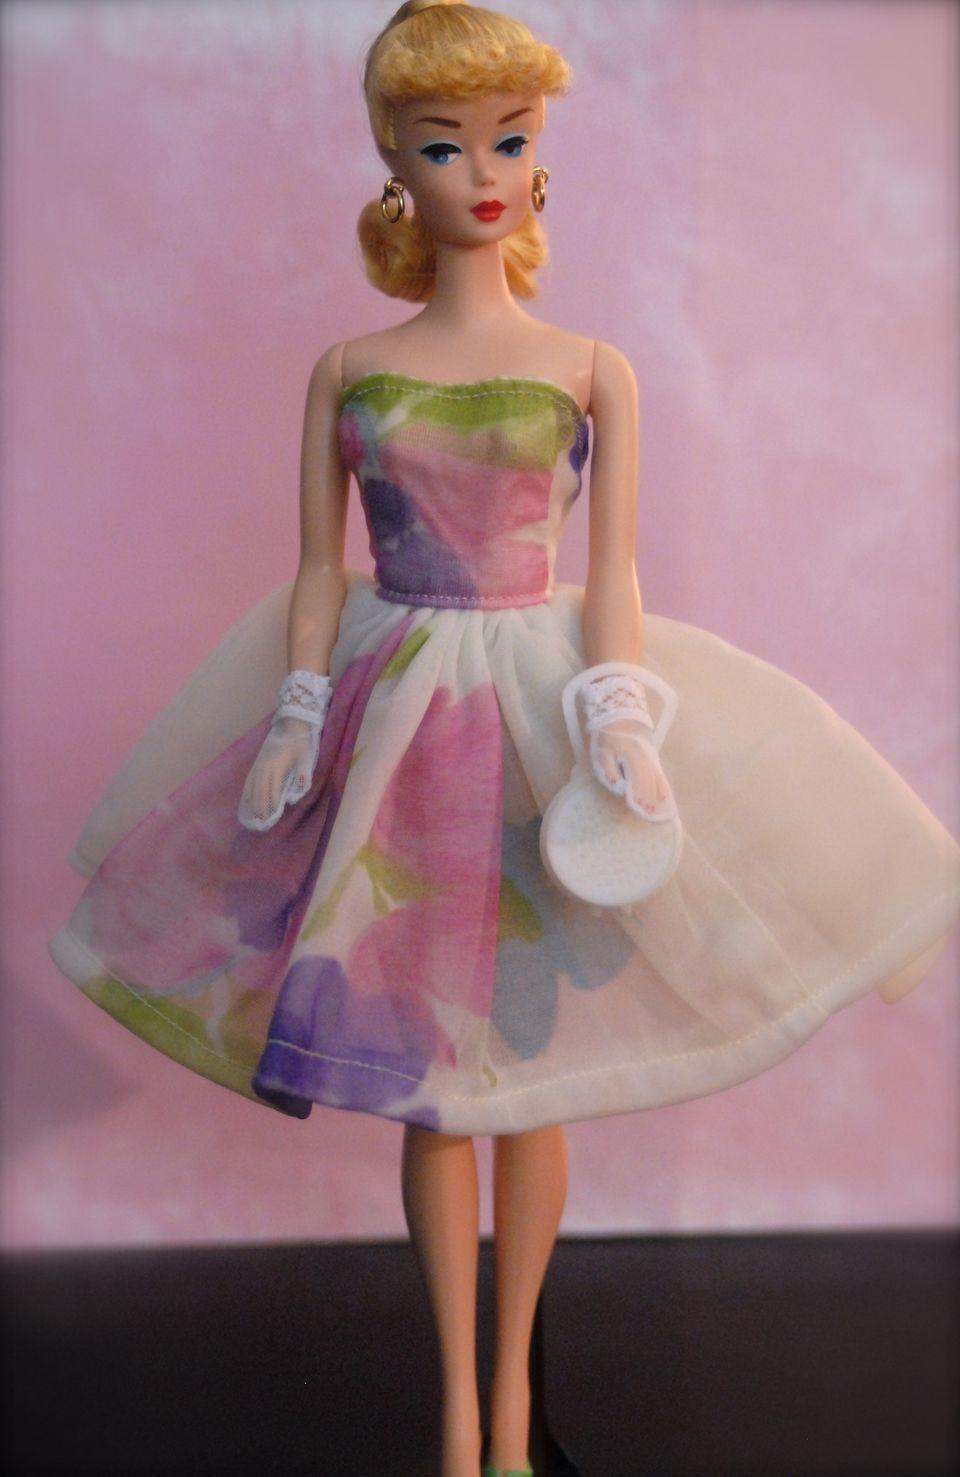 Fashion doll sewing patterns free 65